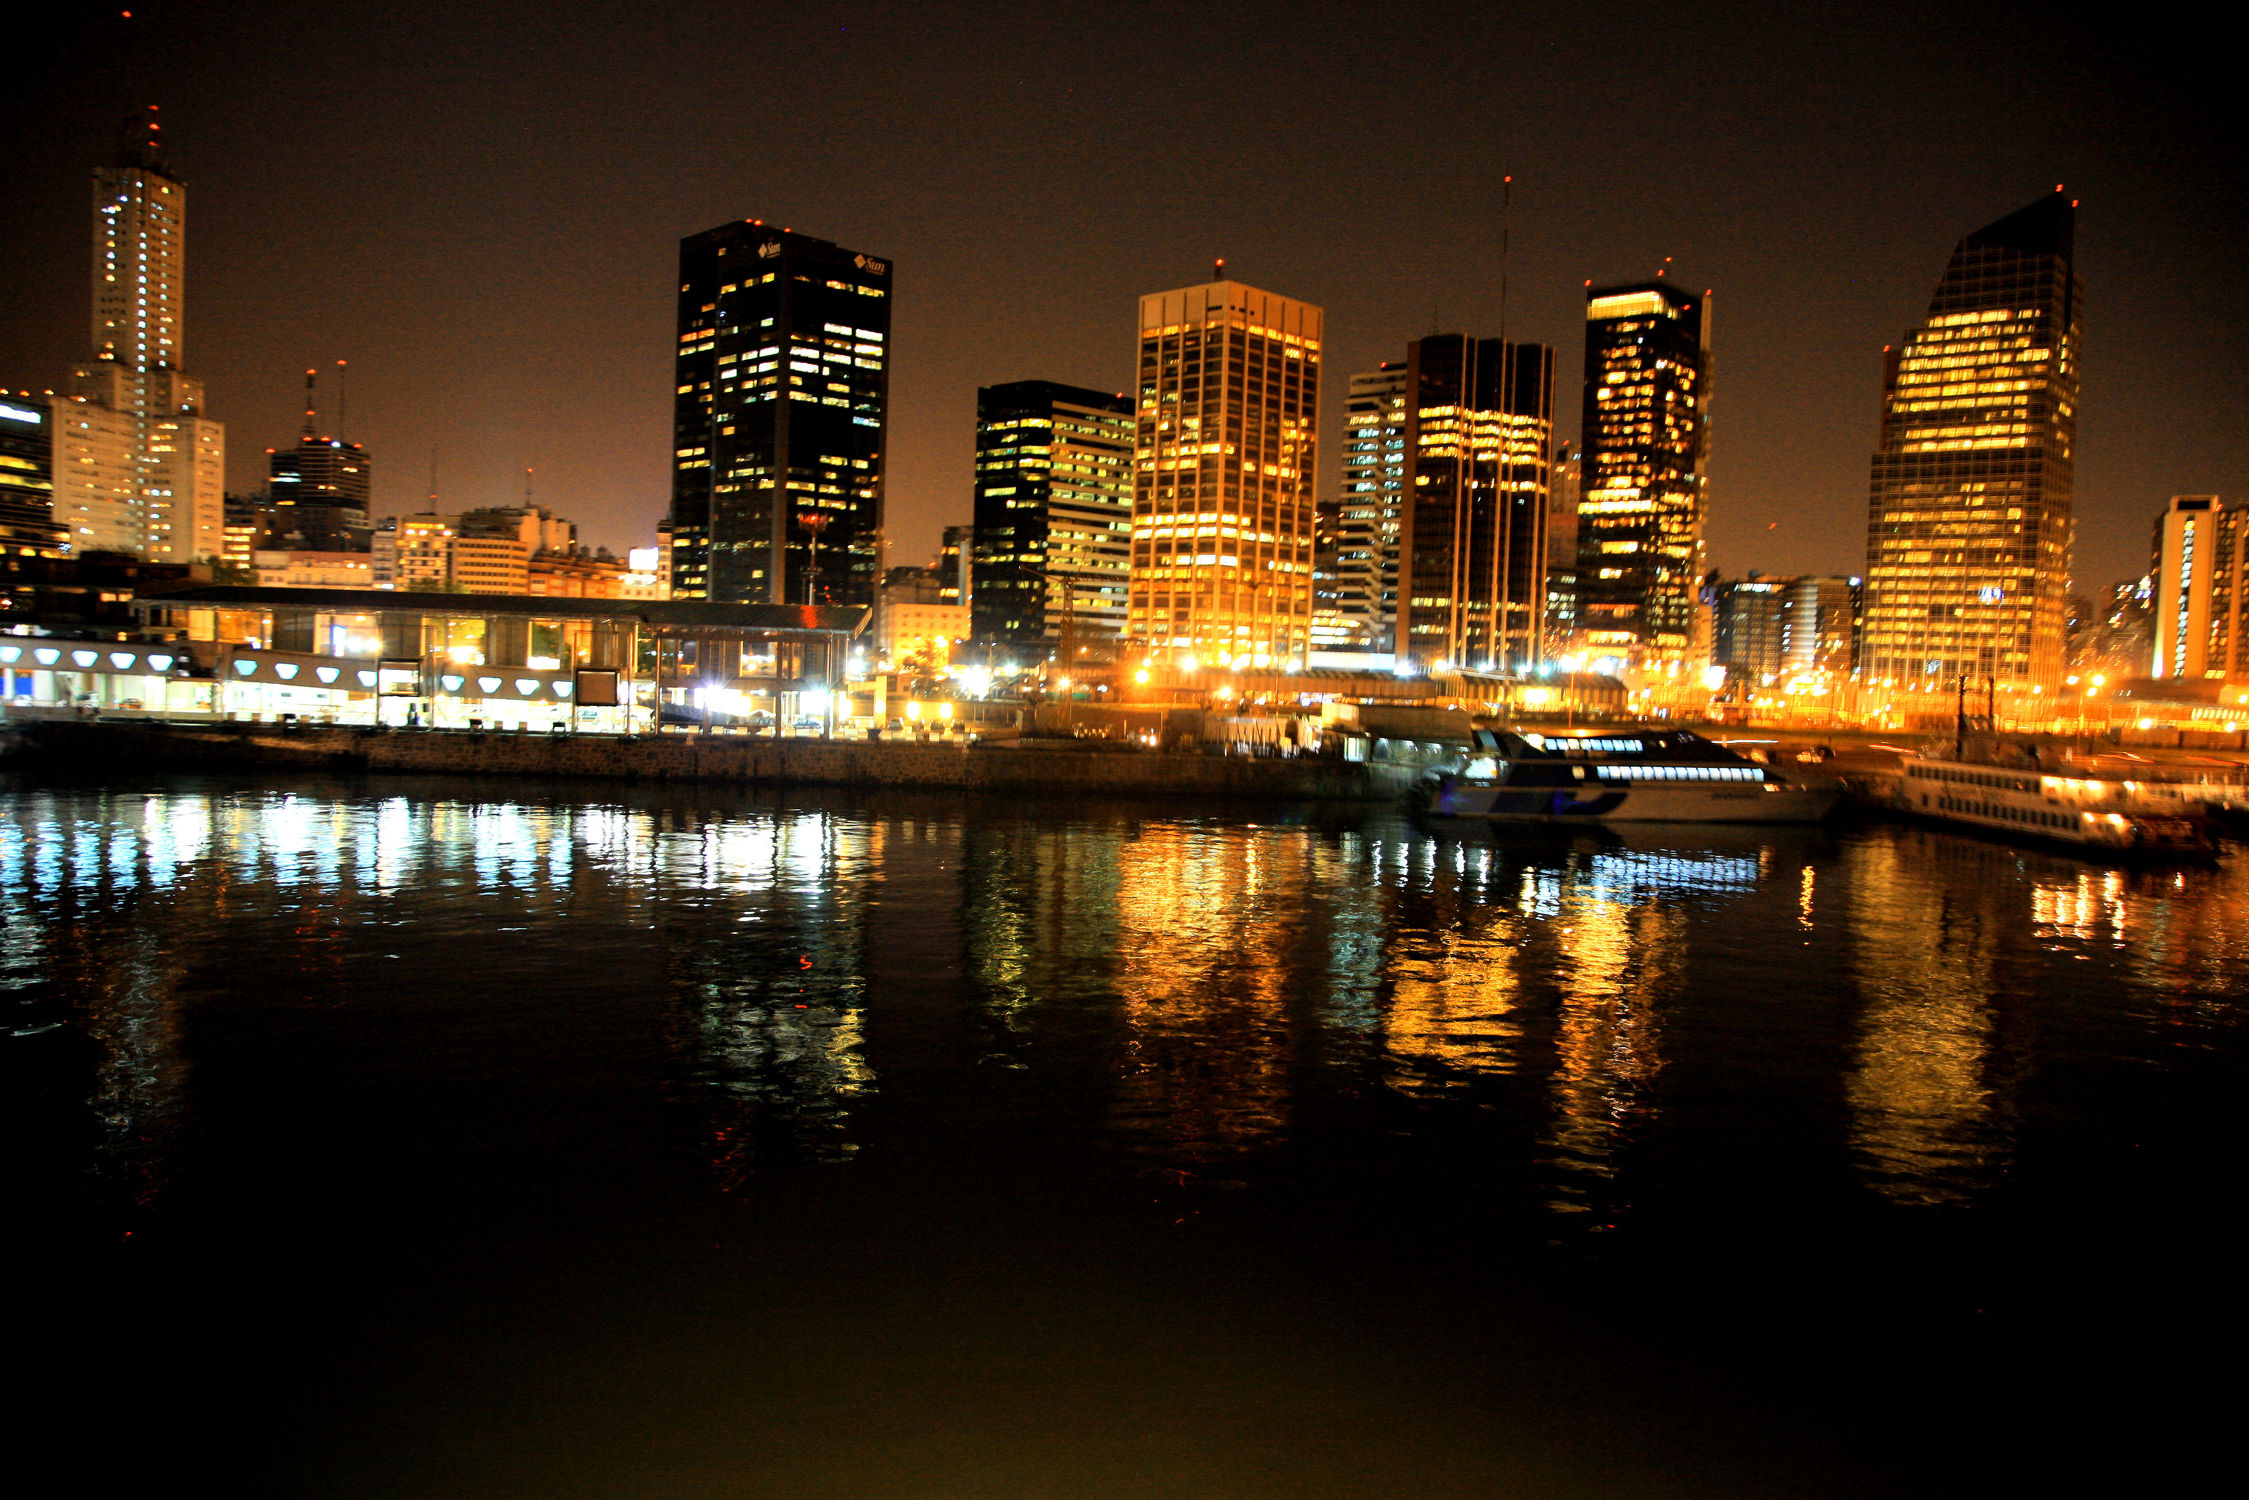 Bild mit Gebäude, Städte, Häuser, Stadt, City, Nachtaufnahmen, Nacht, Skyline, hochhaus, wolkenkratzer, Hochhäuser, Stadtleben